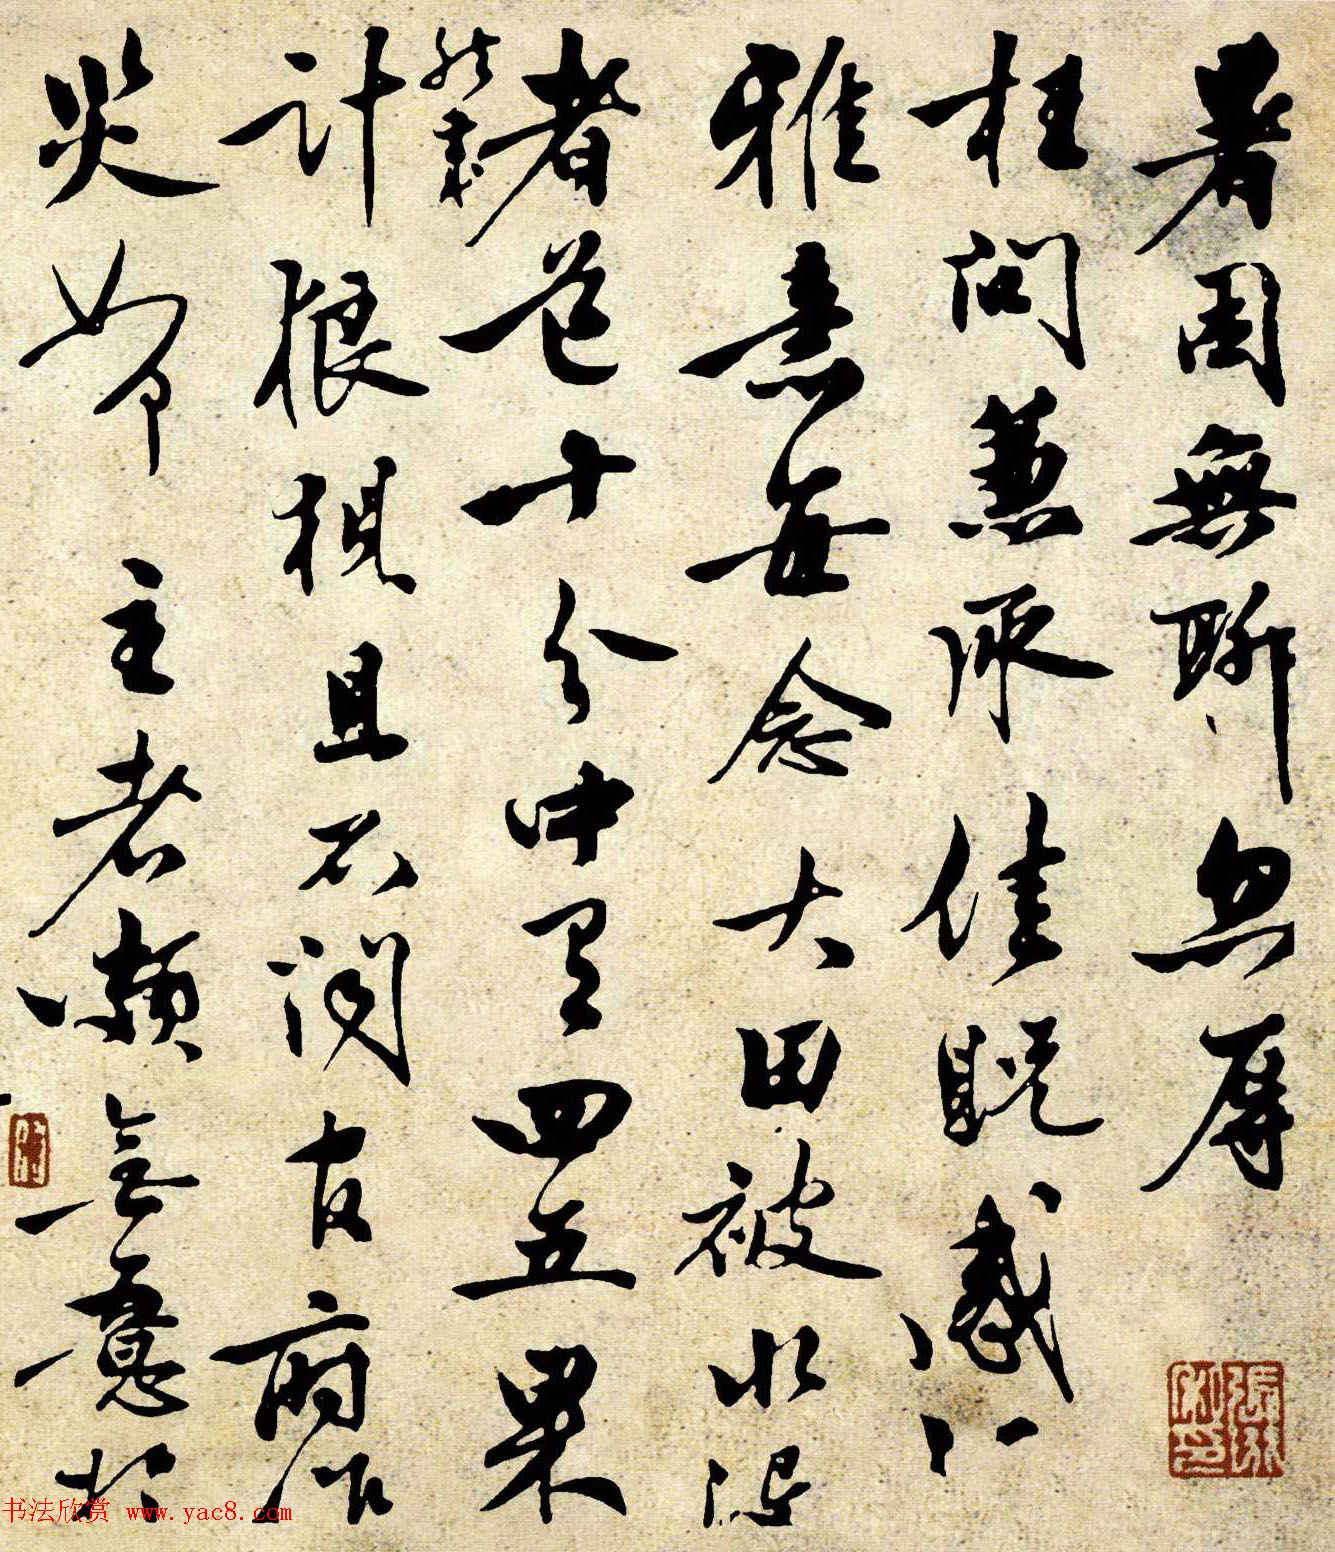 文征明的书法老师李应祯行书墨迹